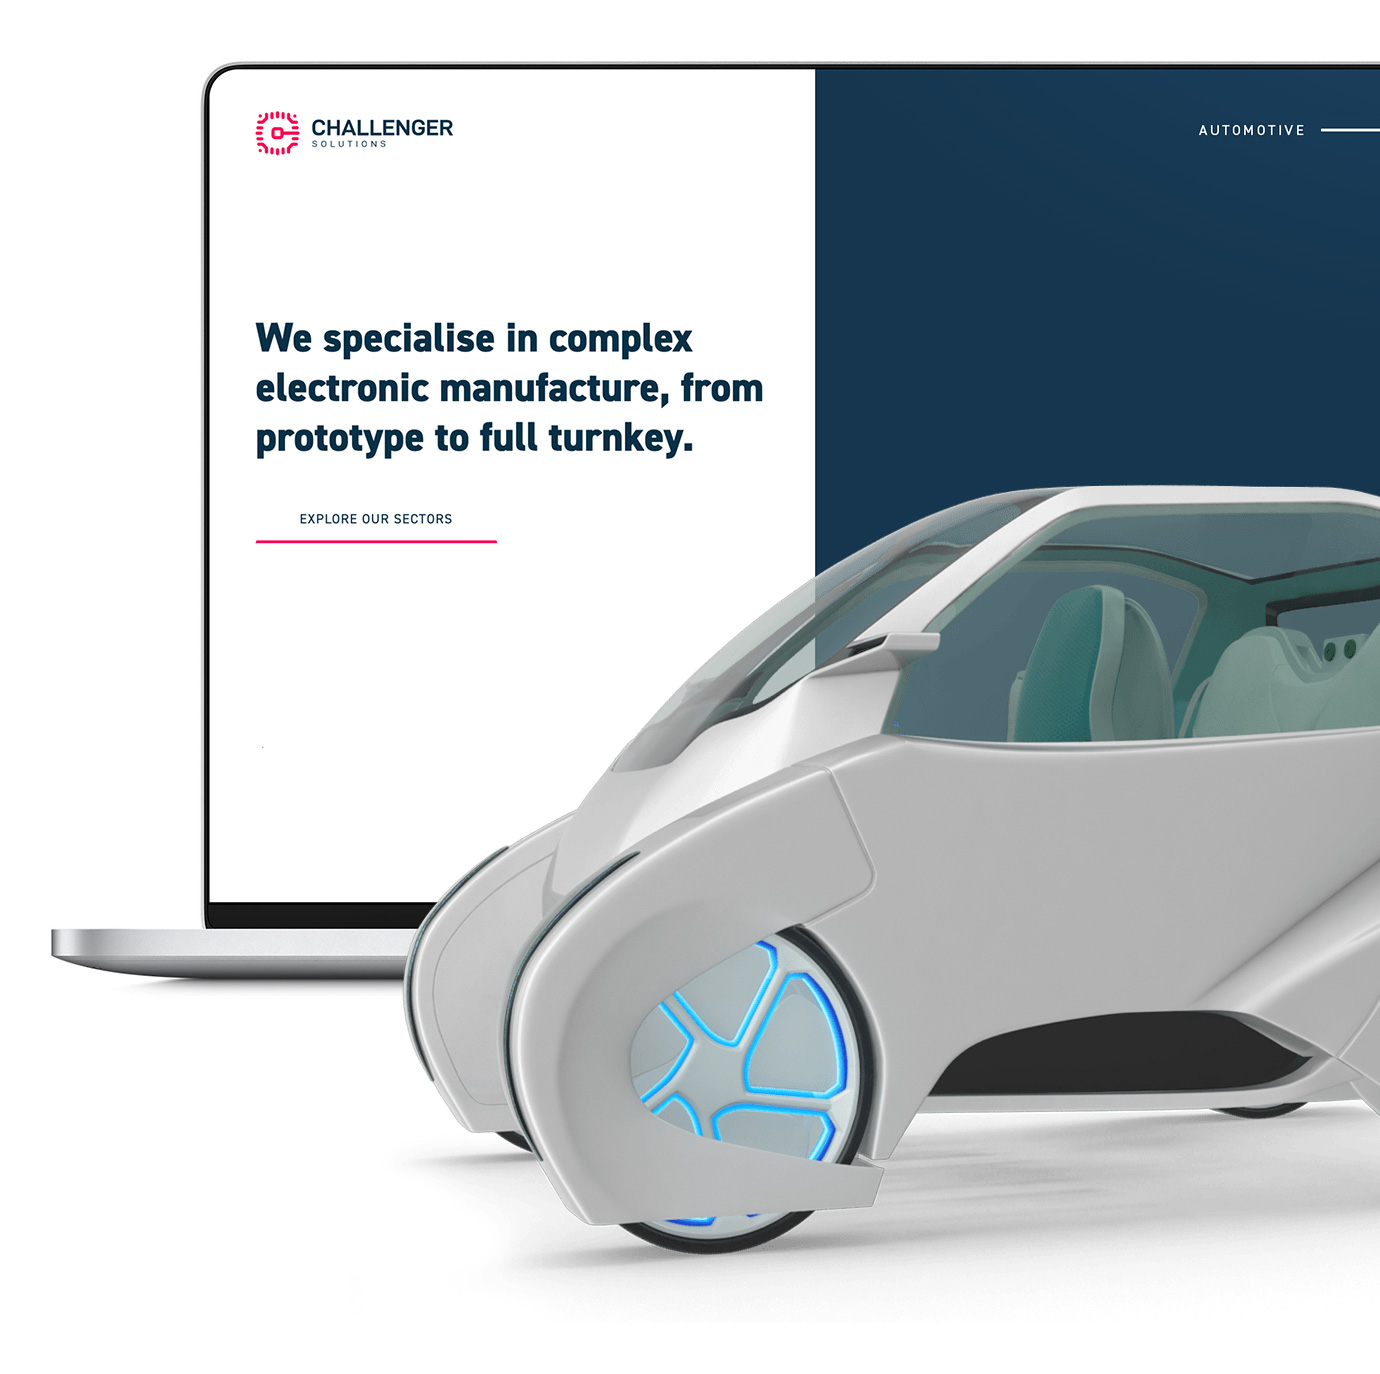 Technology website